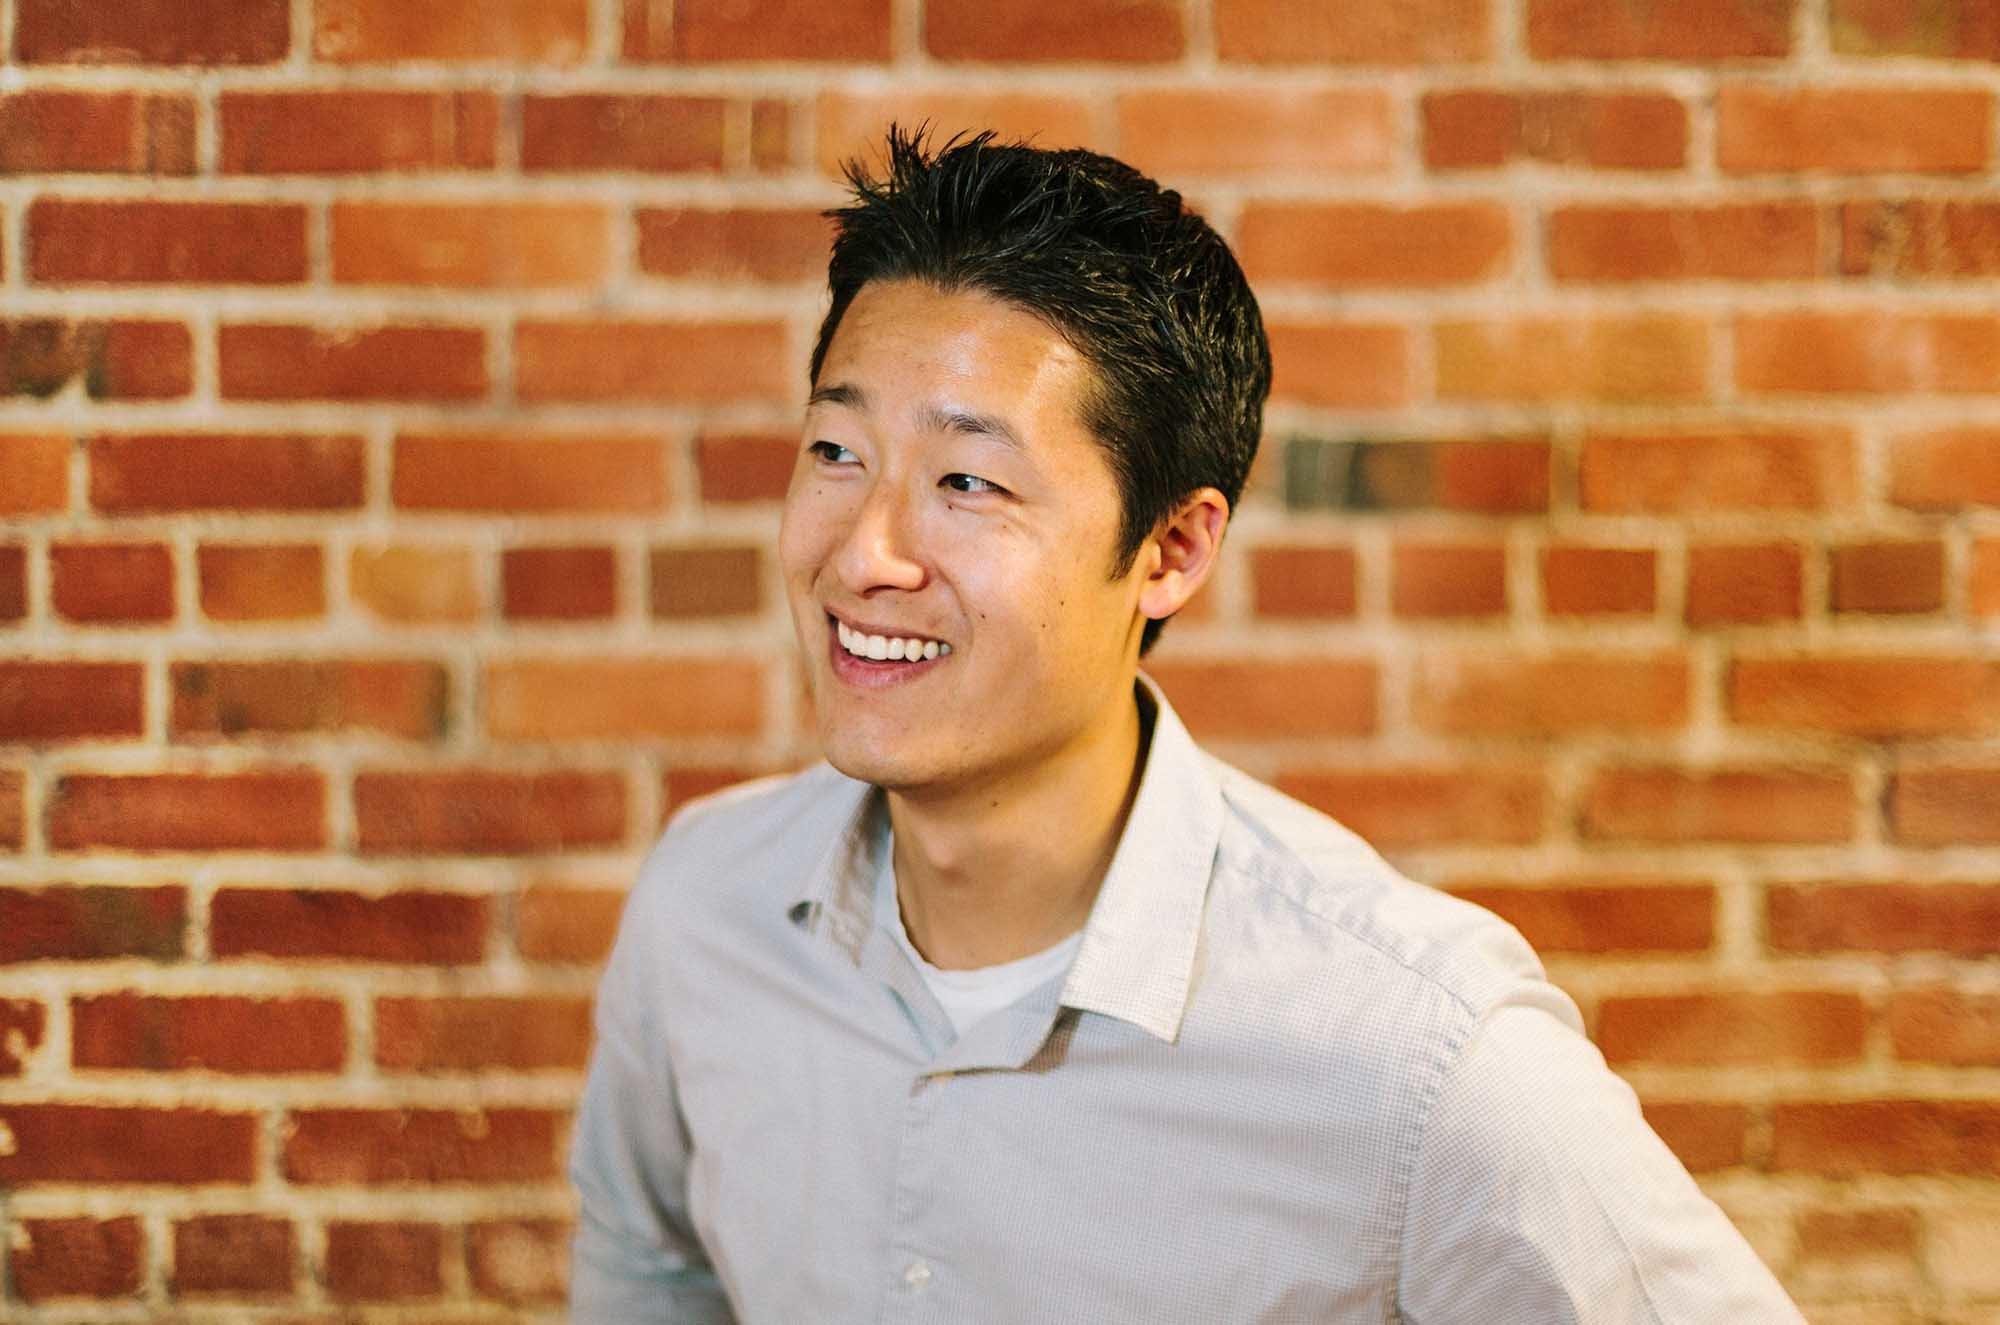 Kevin Deng